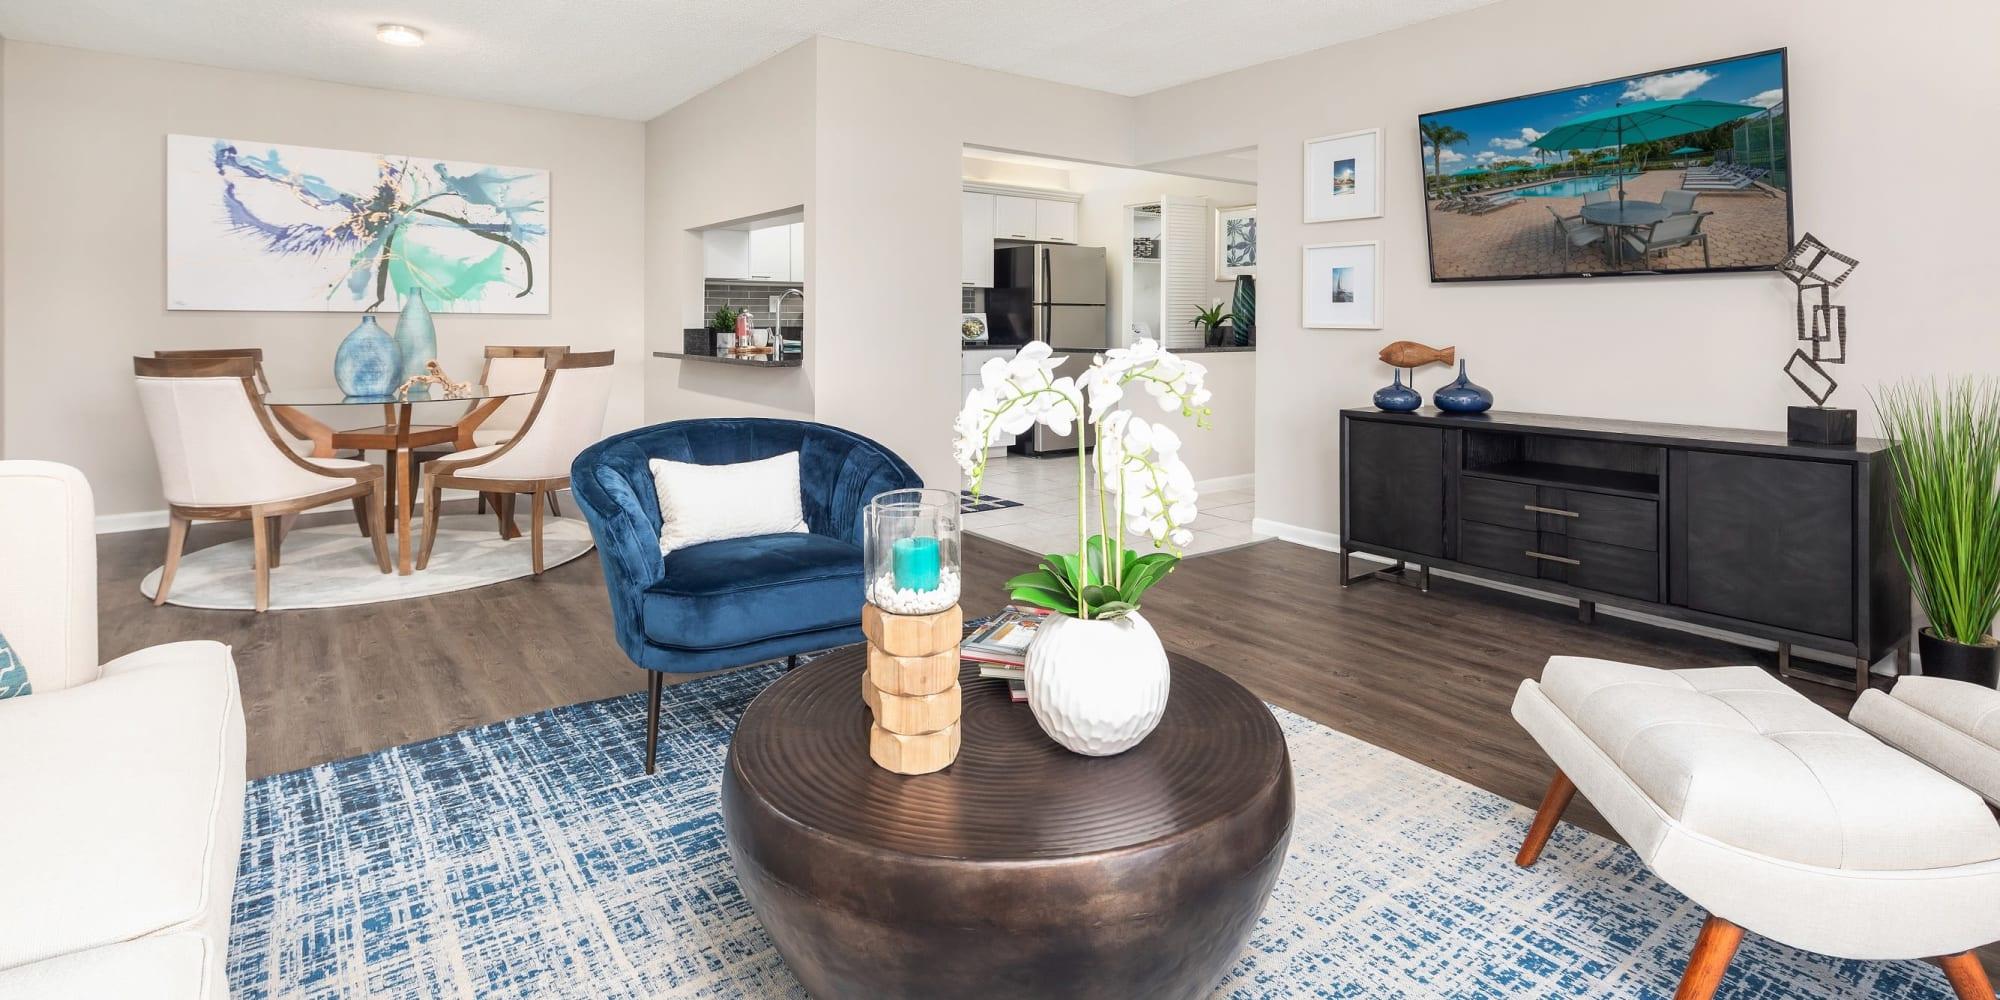 Apartments at Verse at Royal Palm Beach in Royal Palm Beach, Florida